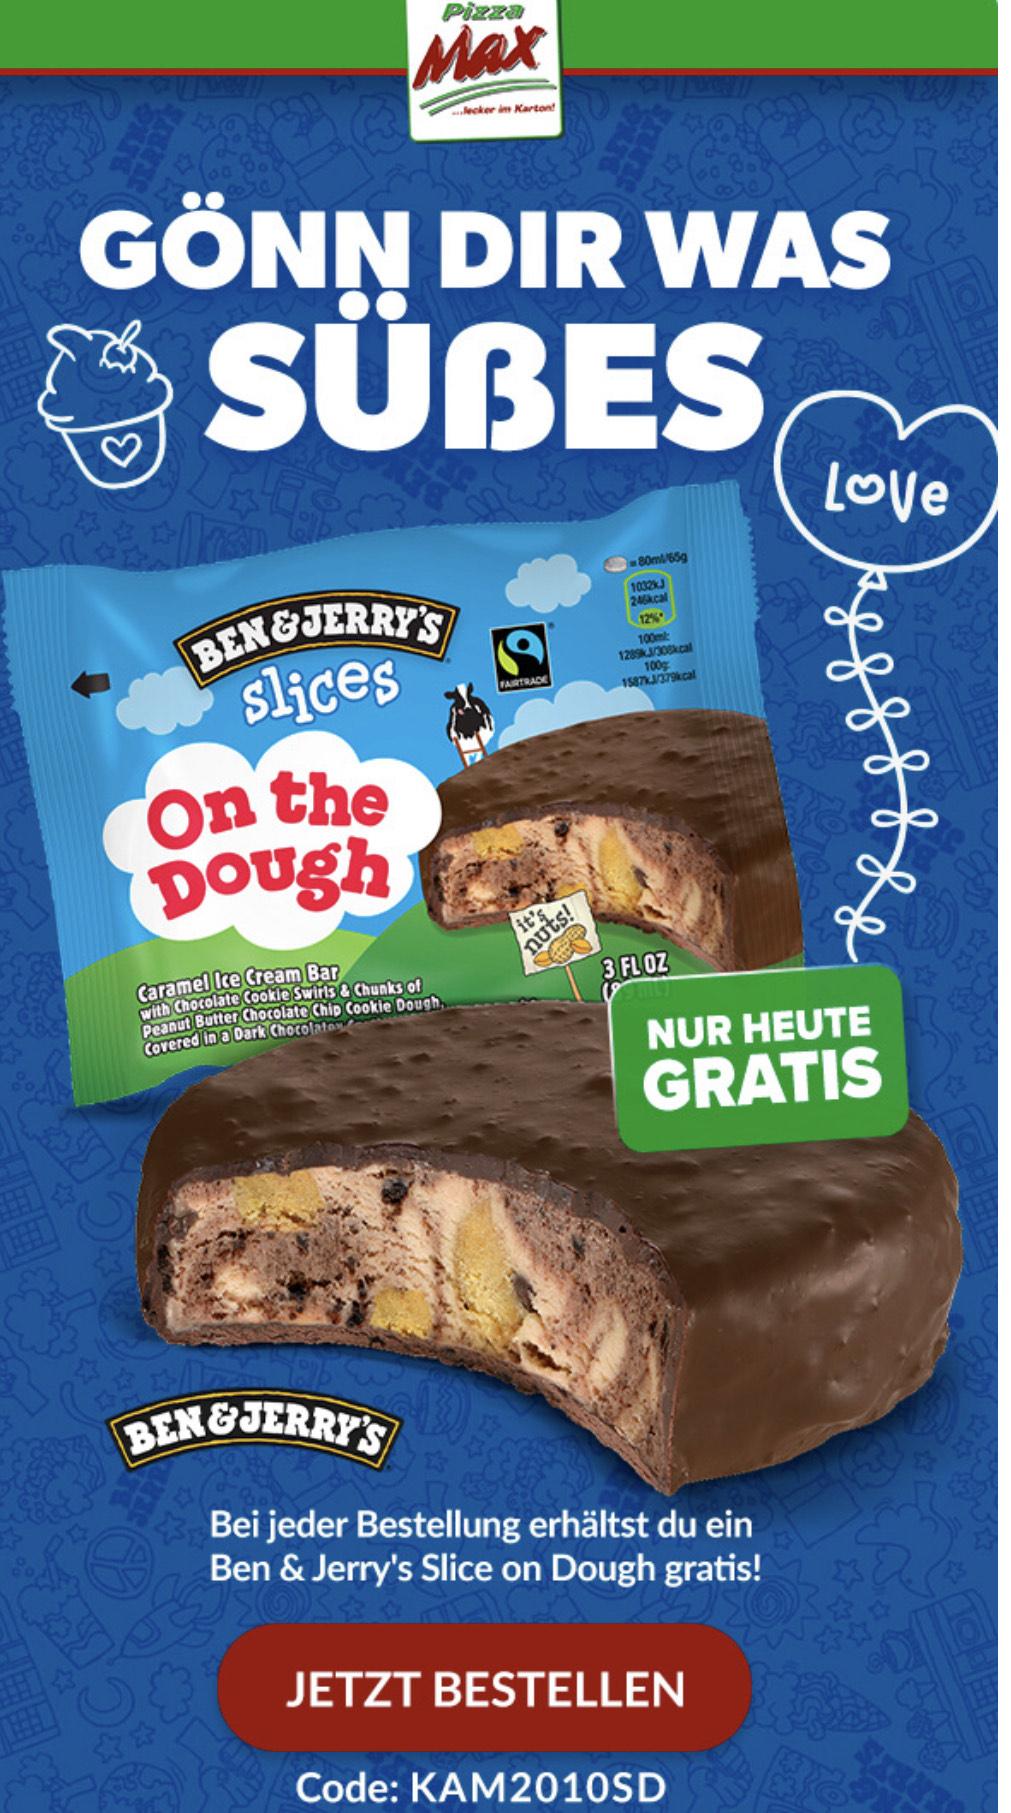 Zu jeder Bestellung - Gratis Ben & Jerry Slices On The Dough